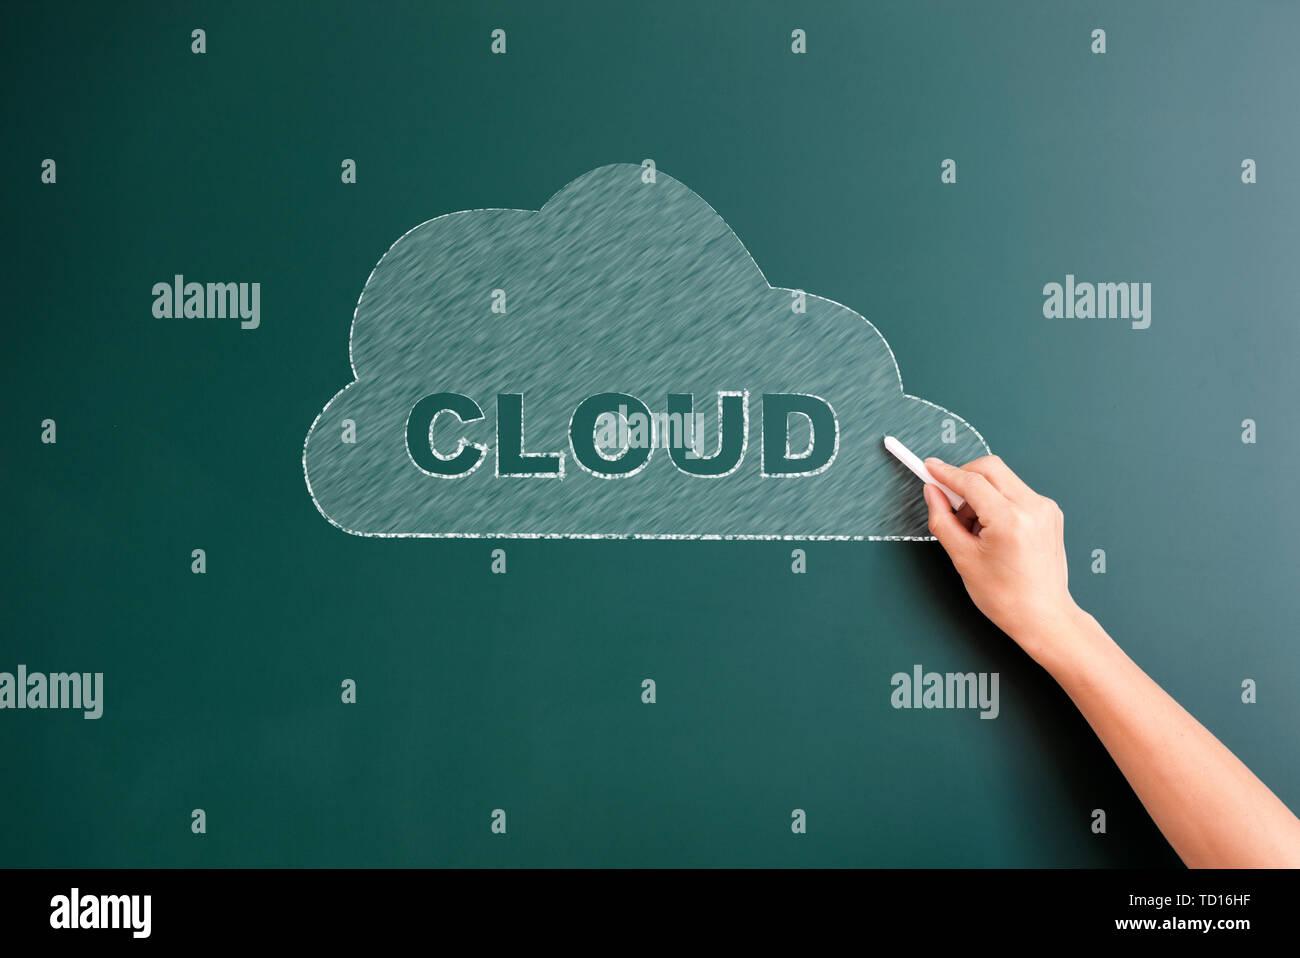 cloud written on blackboard - Stock Image